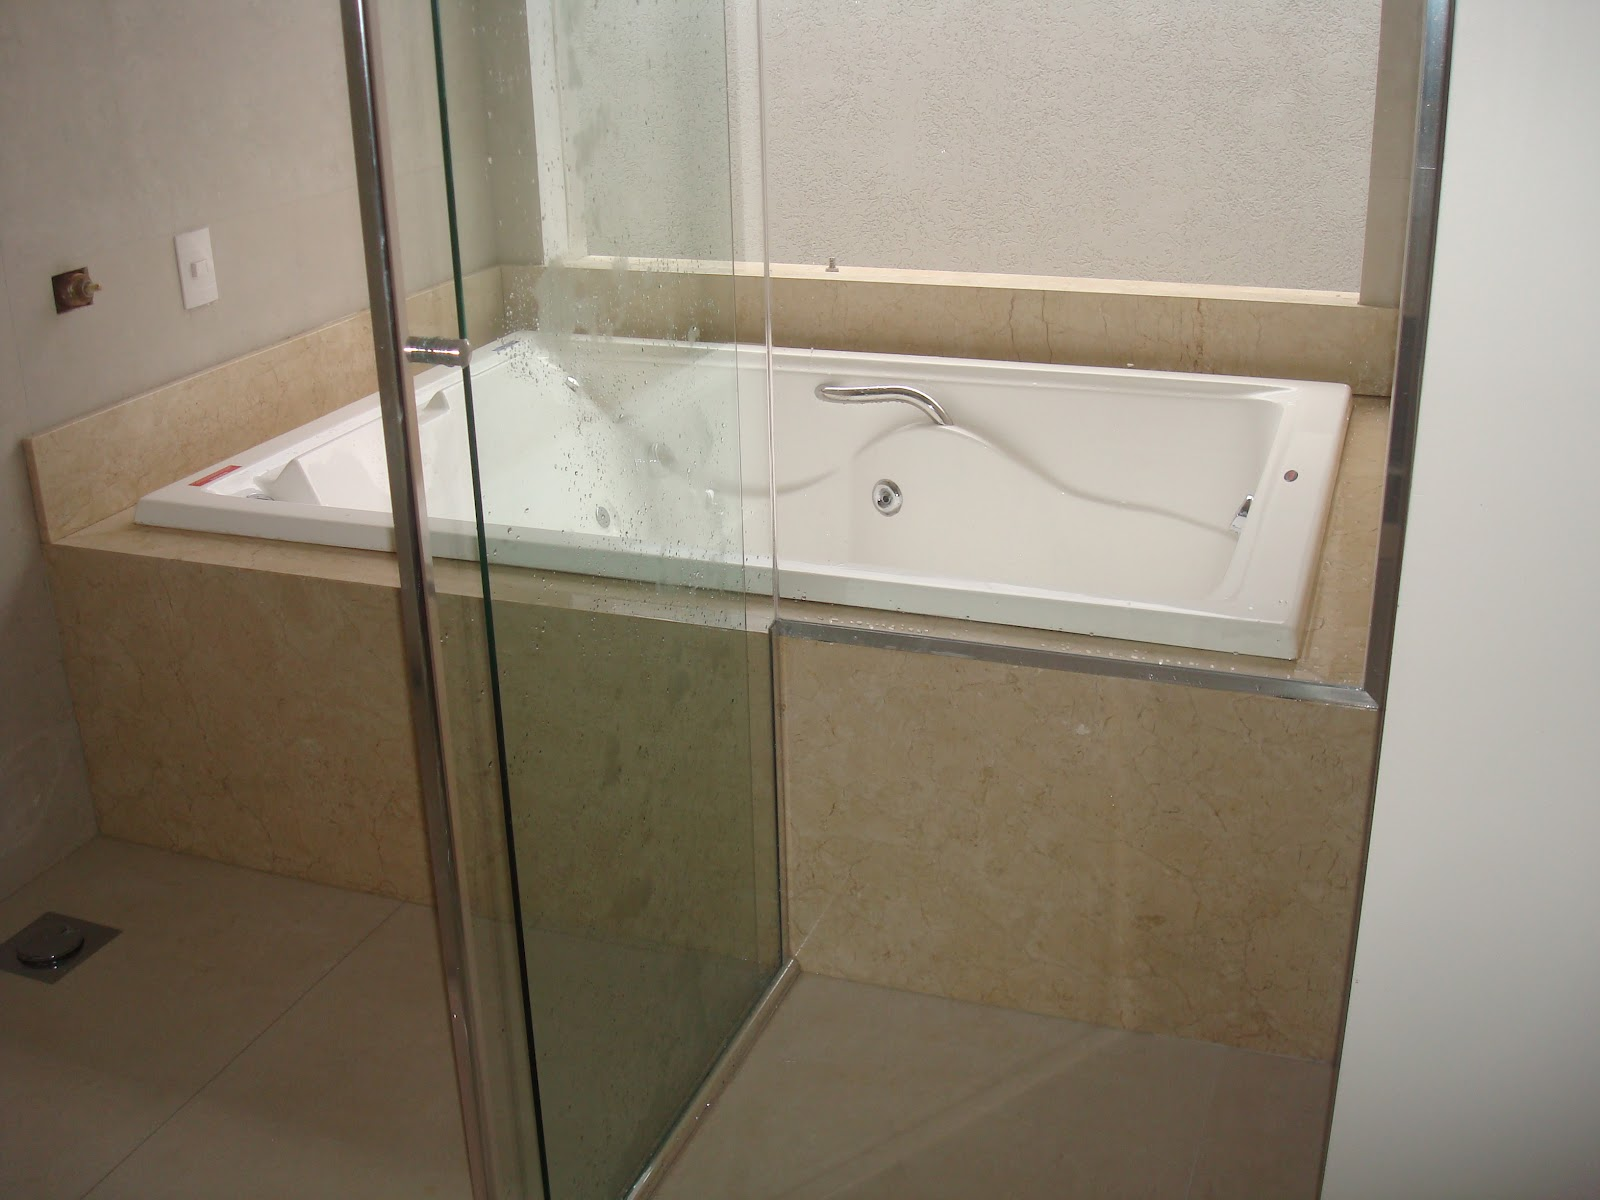 Construindo um Castelinho: Soleiras e Peitoris (Parte 2) #5B4B38 1600x1200 Banheiro Branco Siena